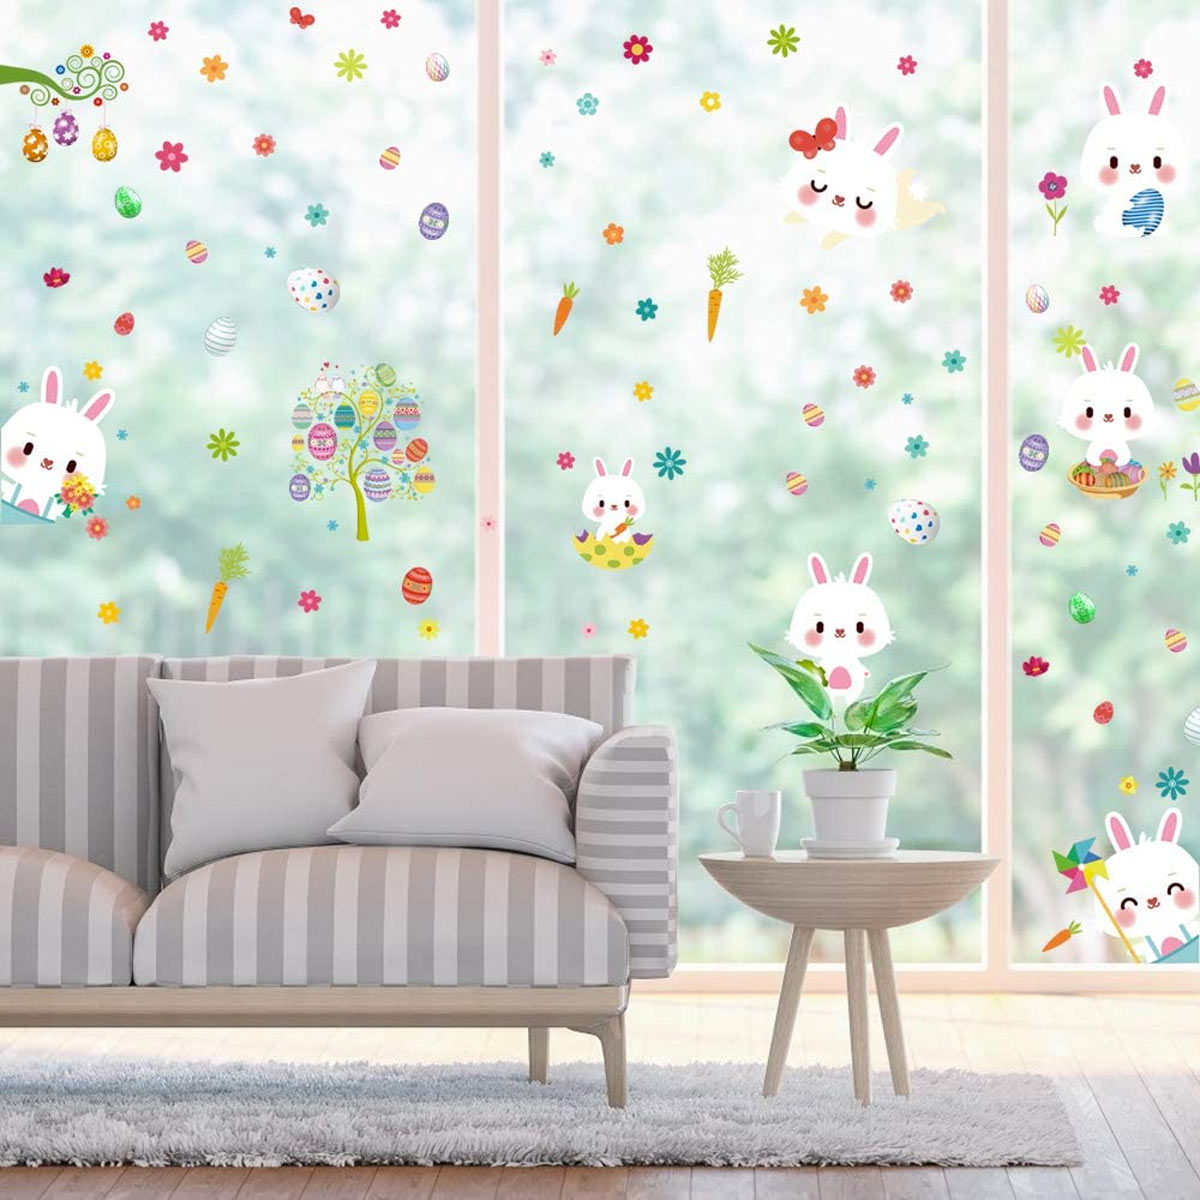 Decorazioni finestre per Pasqua con adesivi.